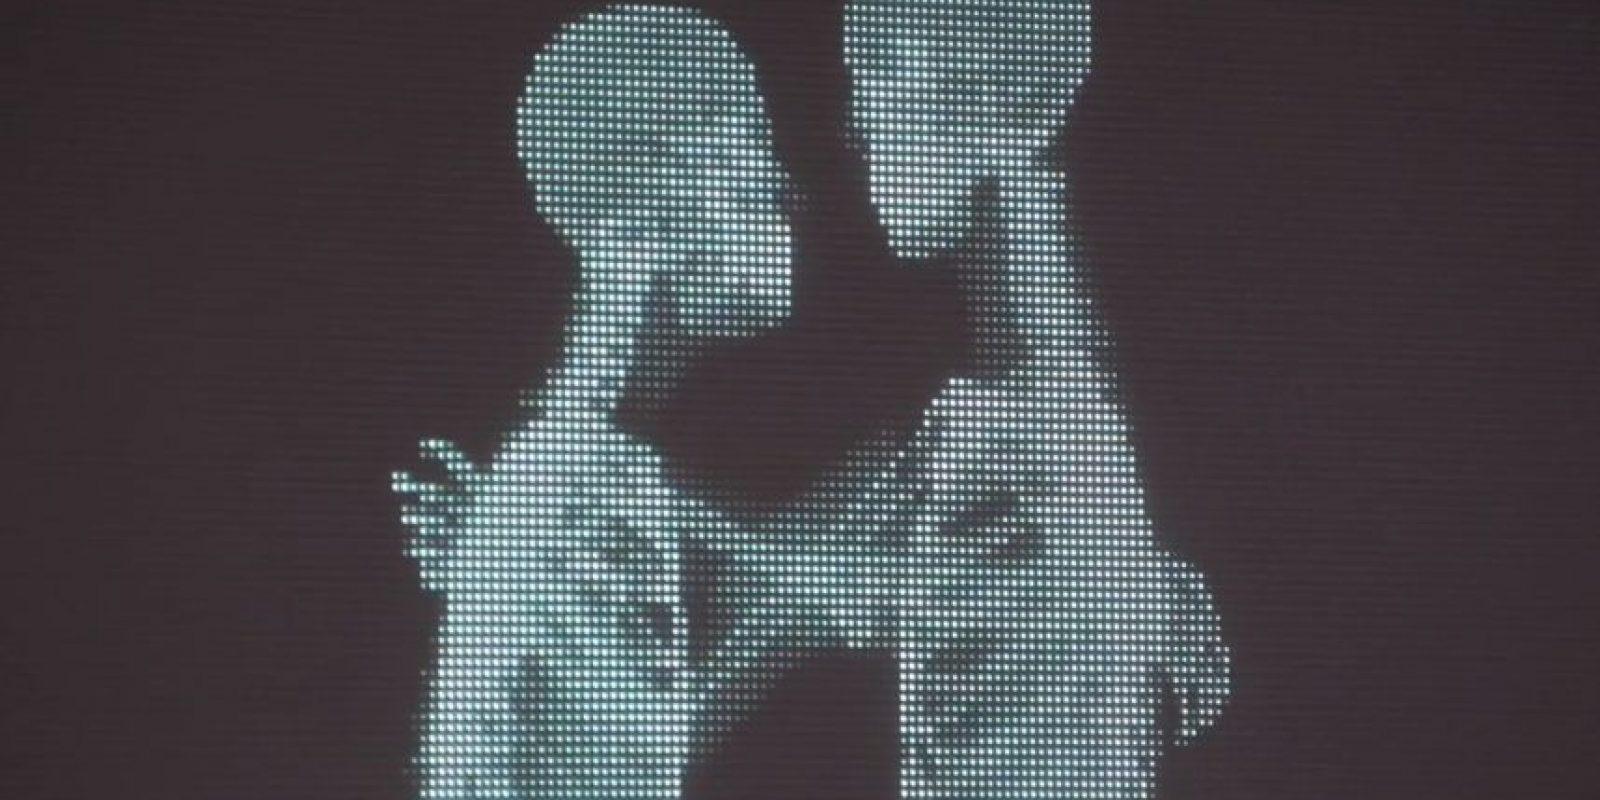 ¿Quiénes serán? ¿Qué serán? Solo se ven dos personas amándose. Foto:Youtube/Ad Council